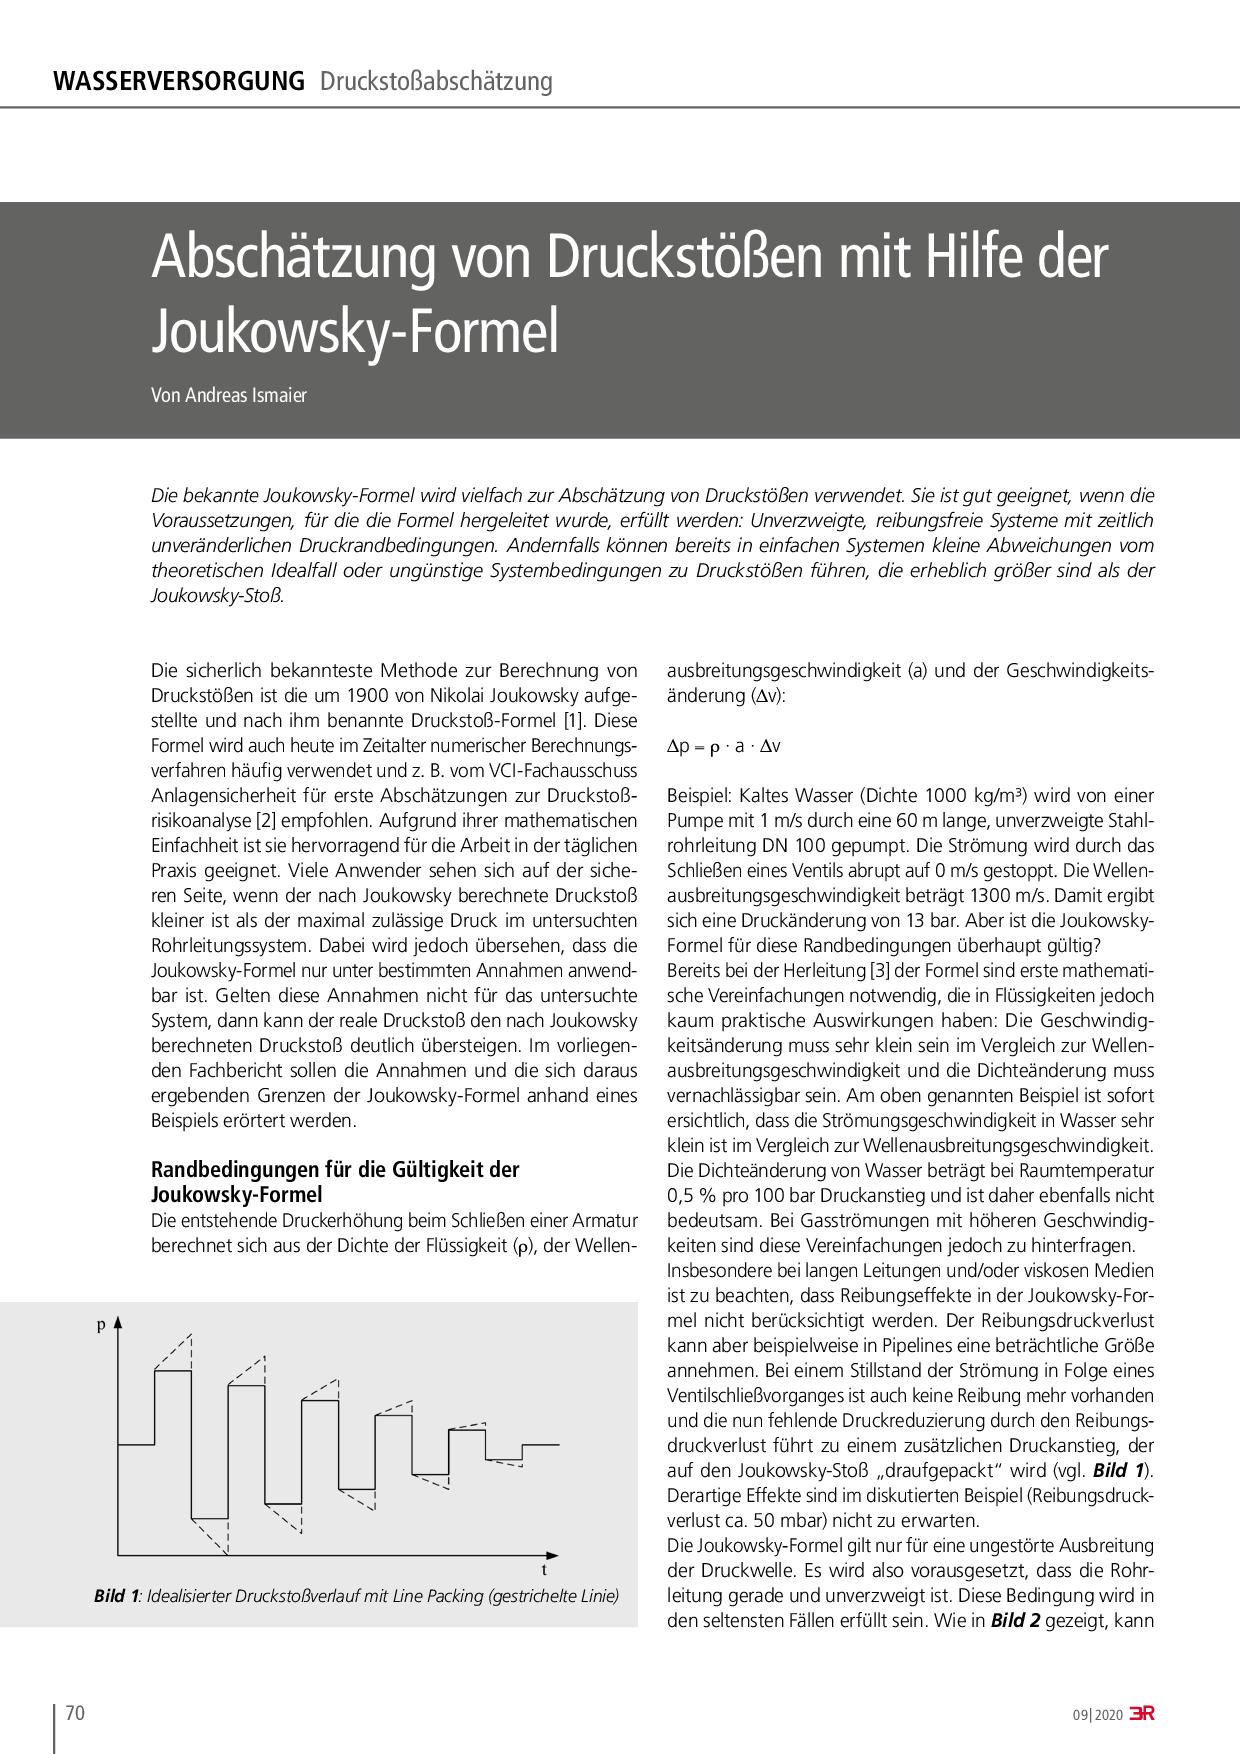 Abschätzung von Druckstößen mit Hilfe der Joukowsky-Formel